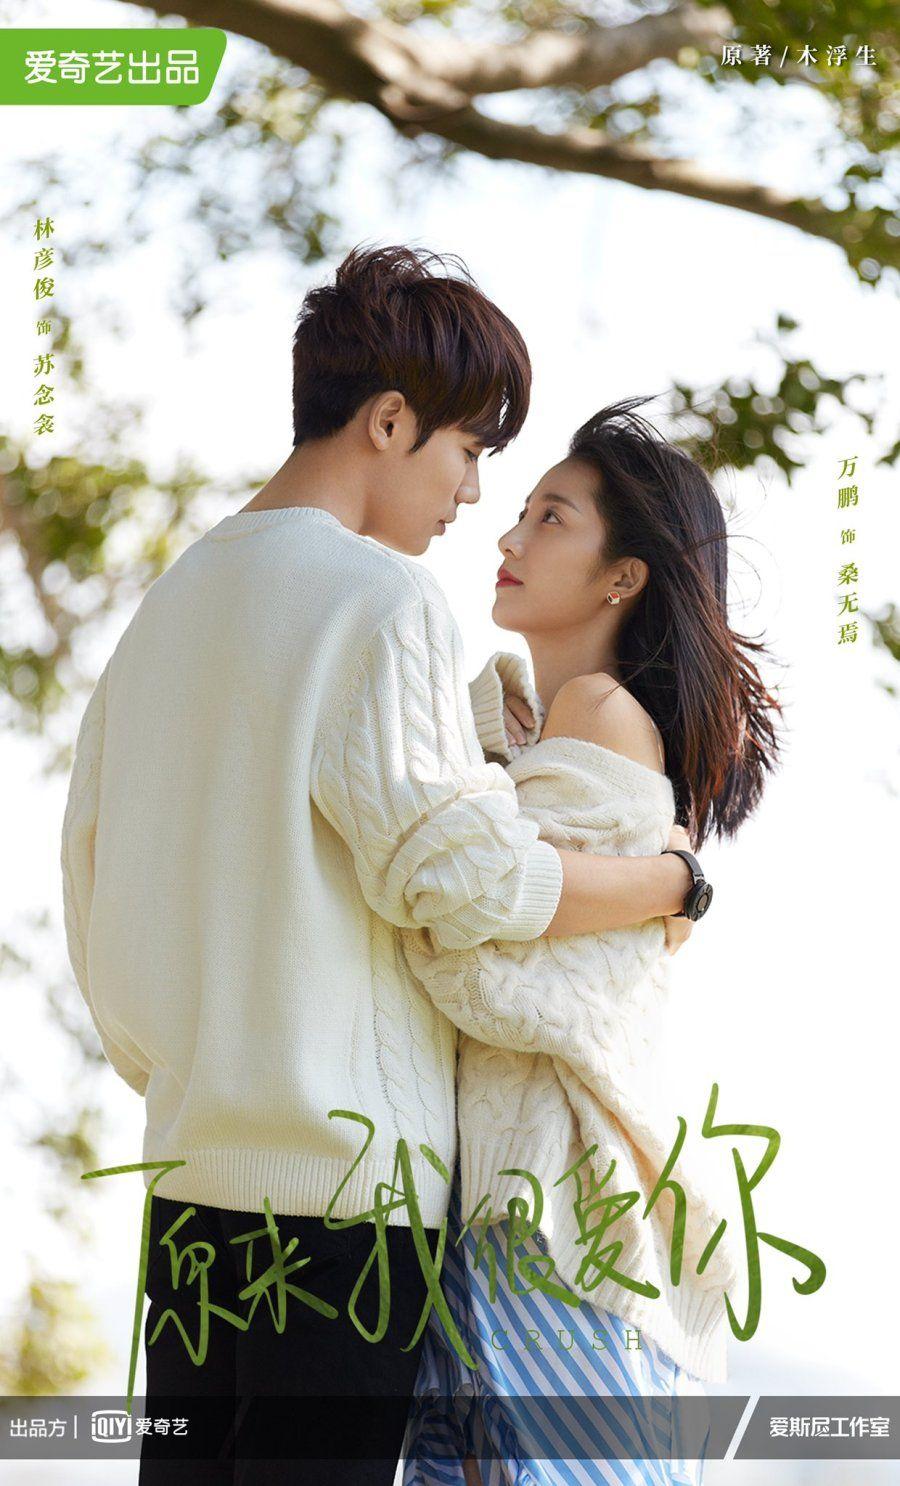 Intip 10 Potret Cuplikan Drama China Crush,Bikin Makin Gak Sabar